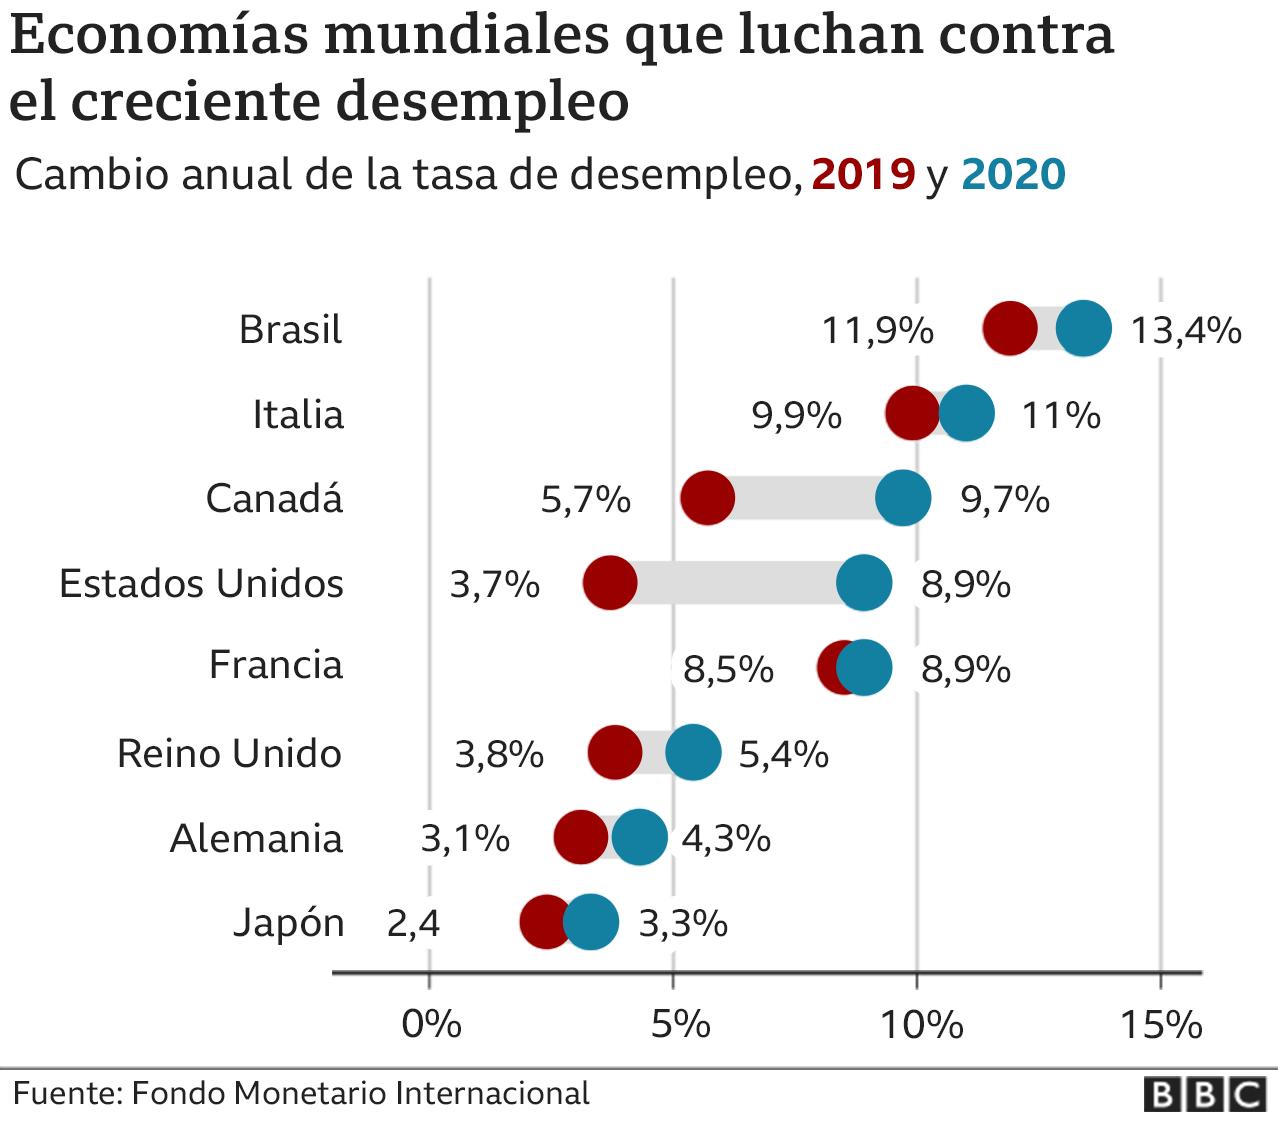 gráfico economías mundiales luchan por crecer